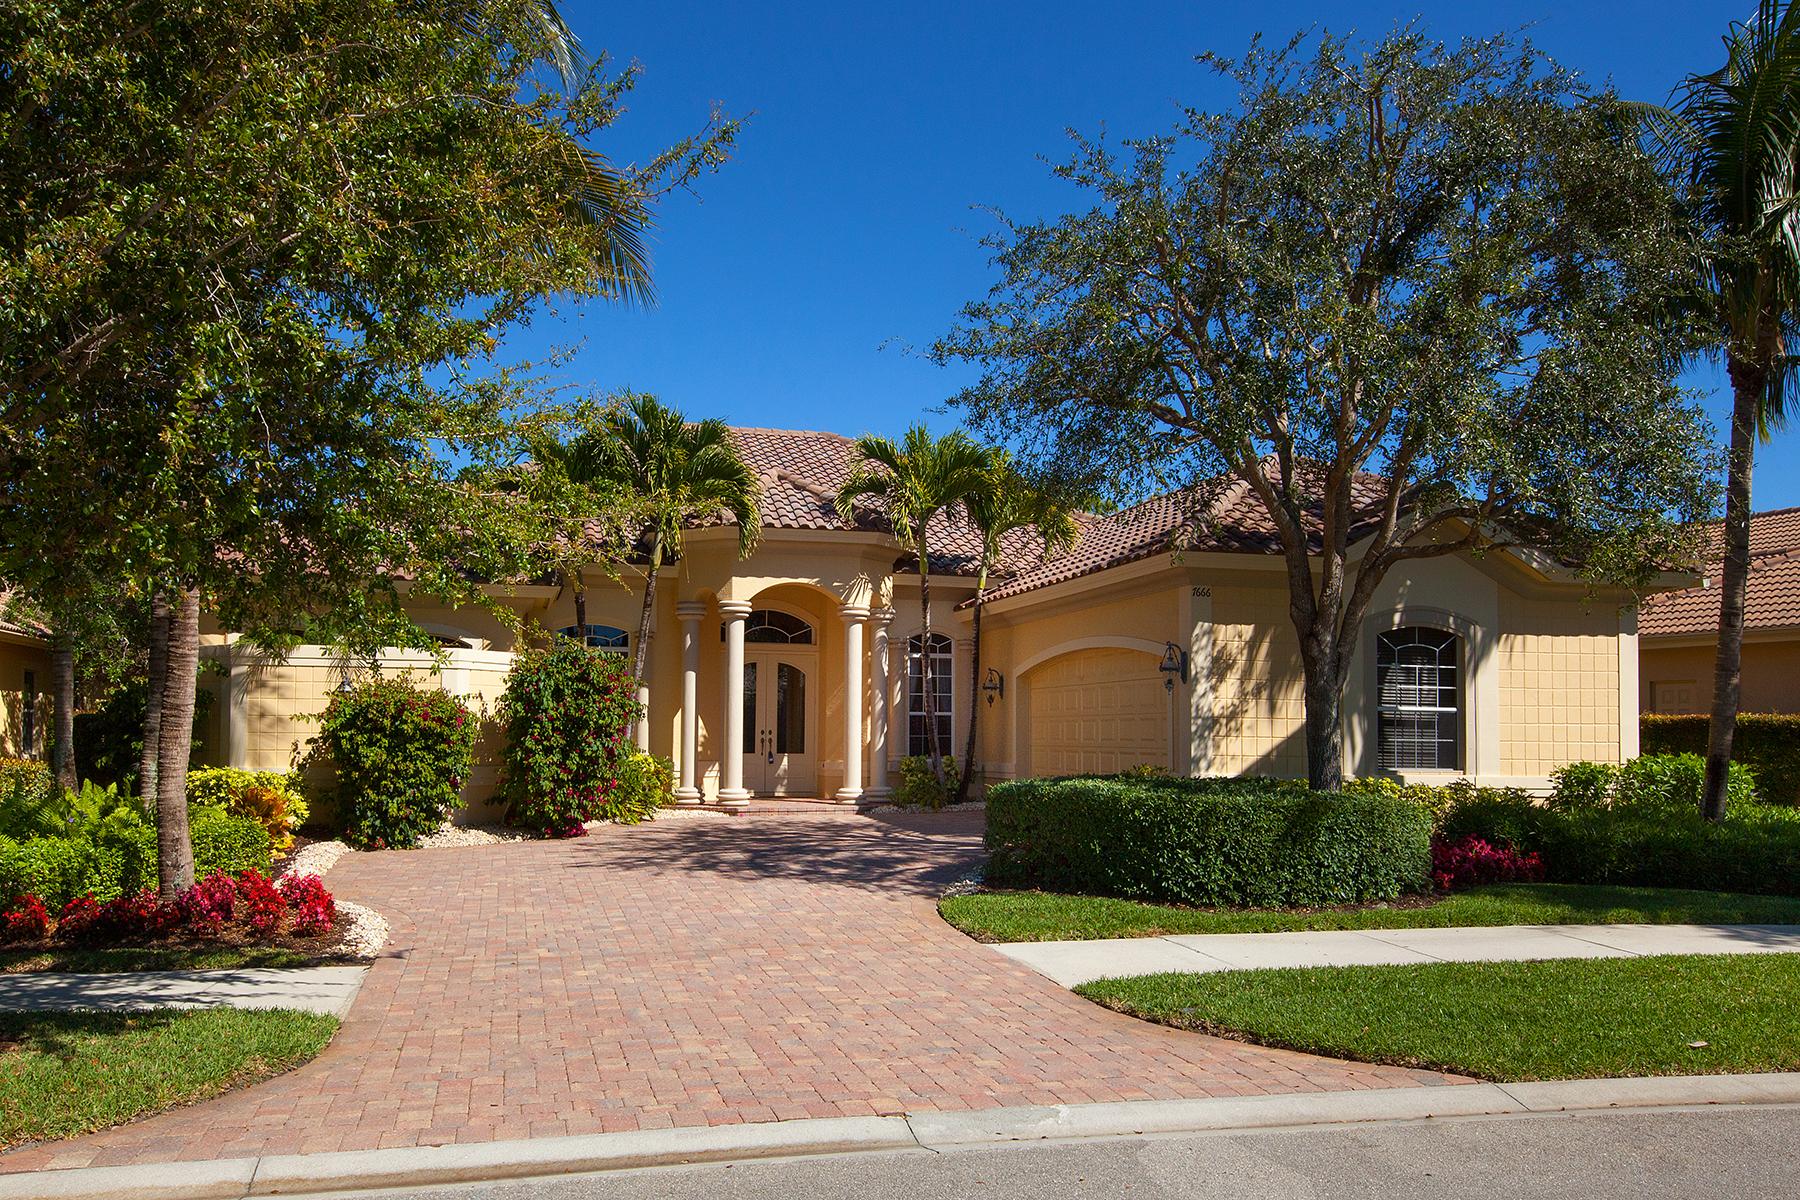 Maison unifamiliale pour l Vente à FIDDLER'S CREEK - MULBERRY ROW 7666 Mulberry Ln Naples, Florida 34114 États-Unis